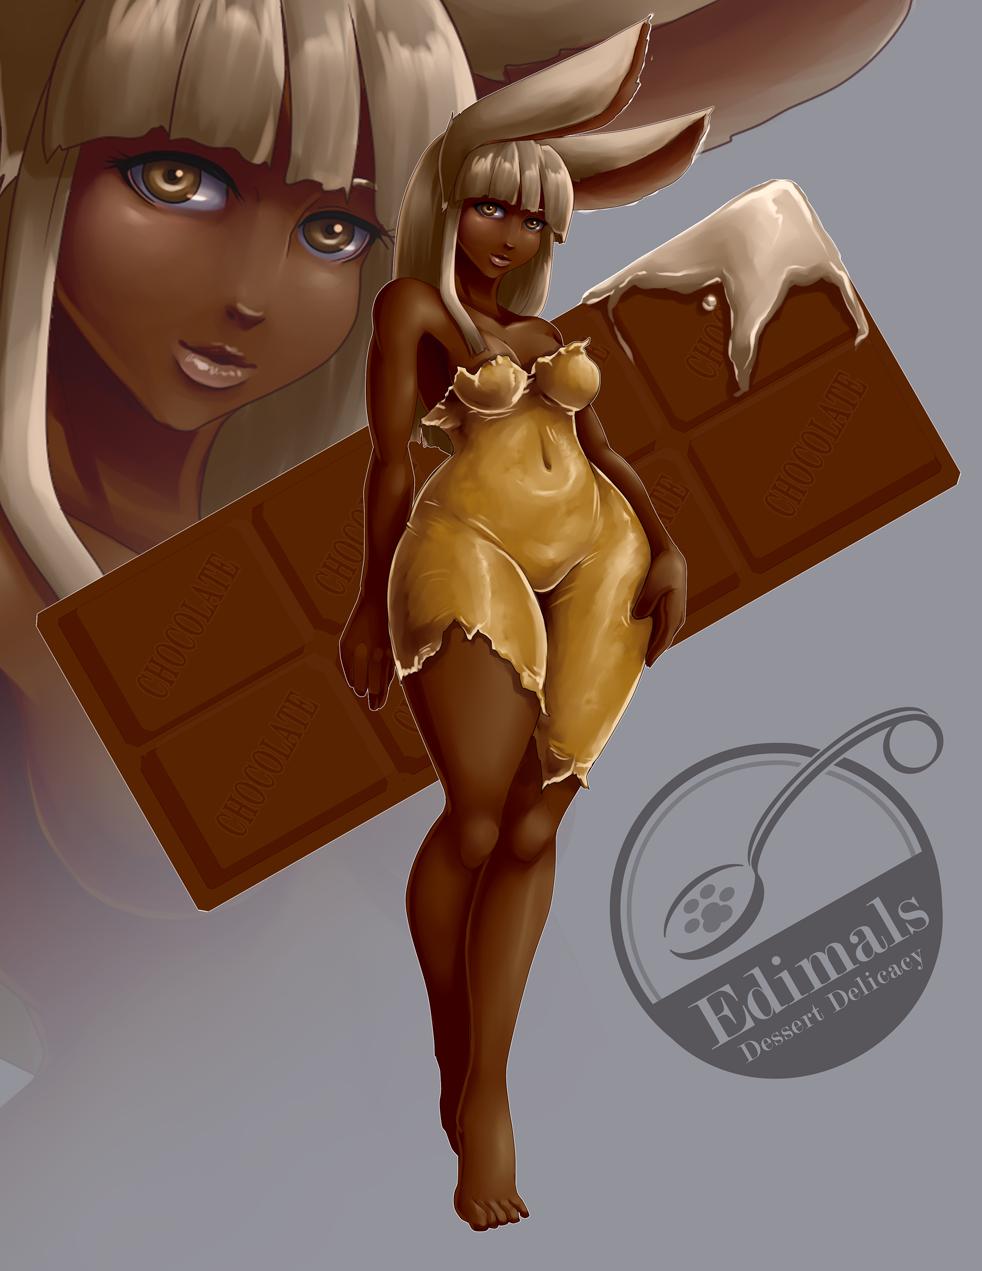 Edimals - Milk Chocolate Rabbit (SOLD) by FireCatRich